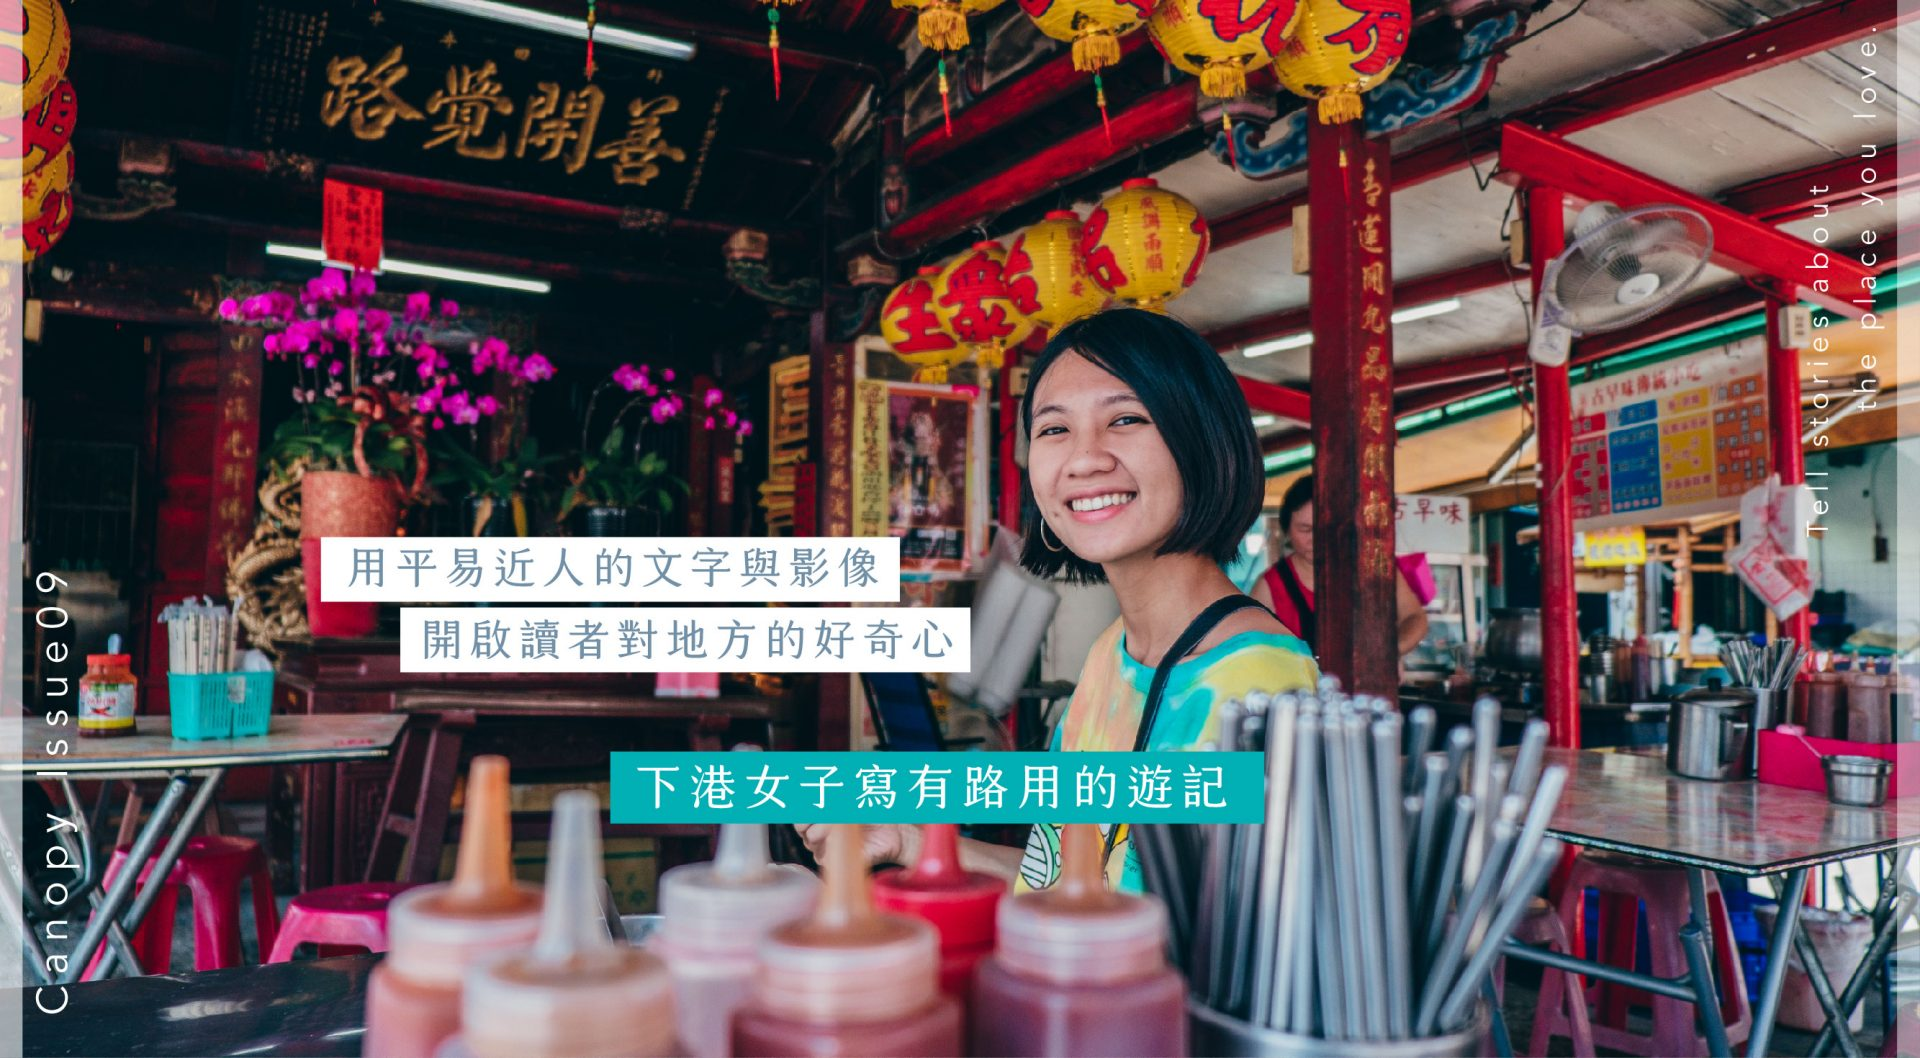 用平易近人的文字與影像 開啟讀者對地方的好奇心:下港女子寫有路用的遊記